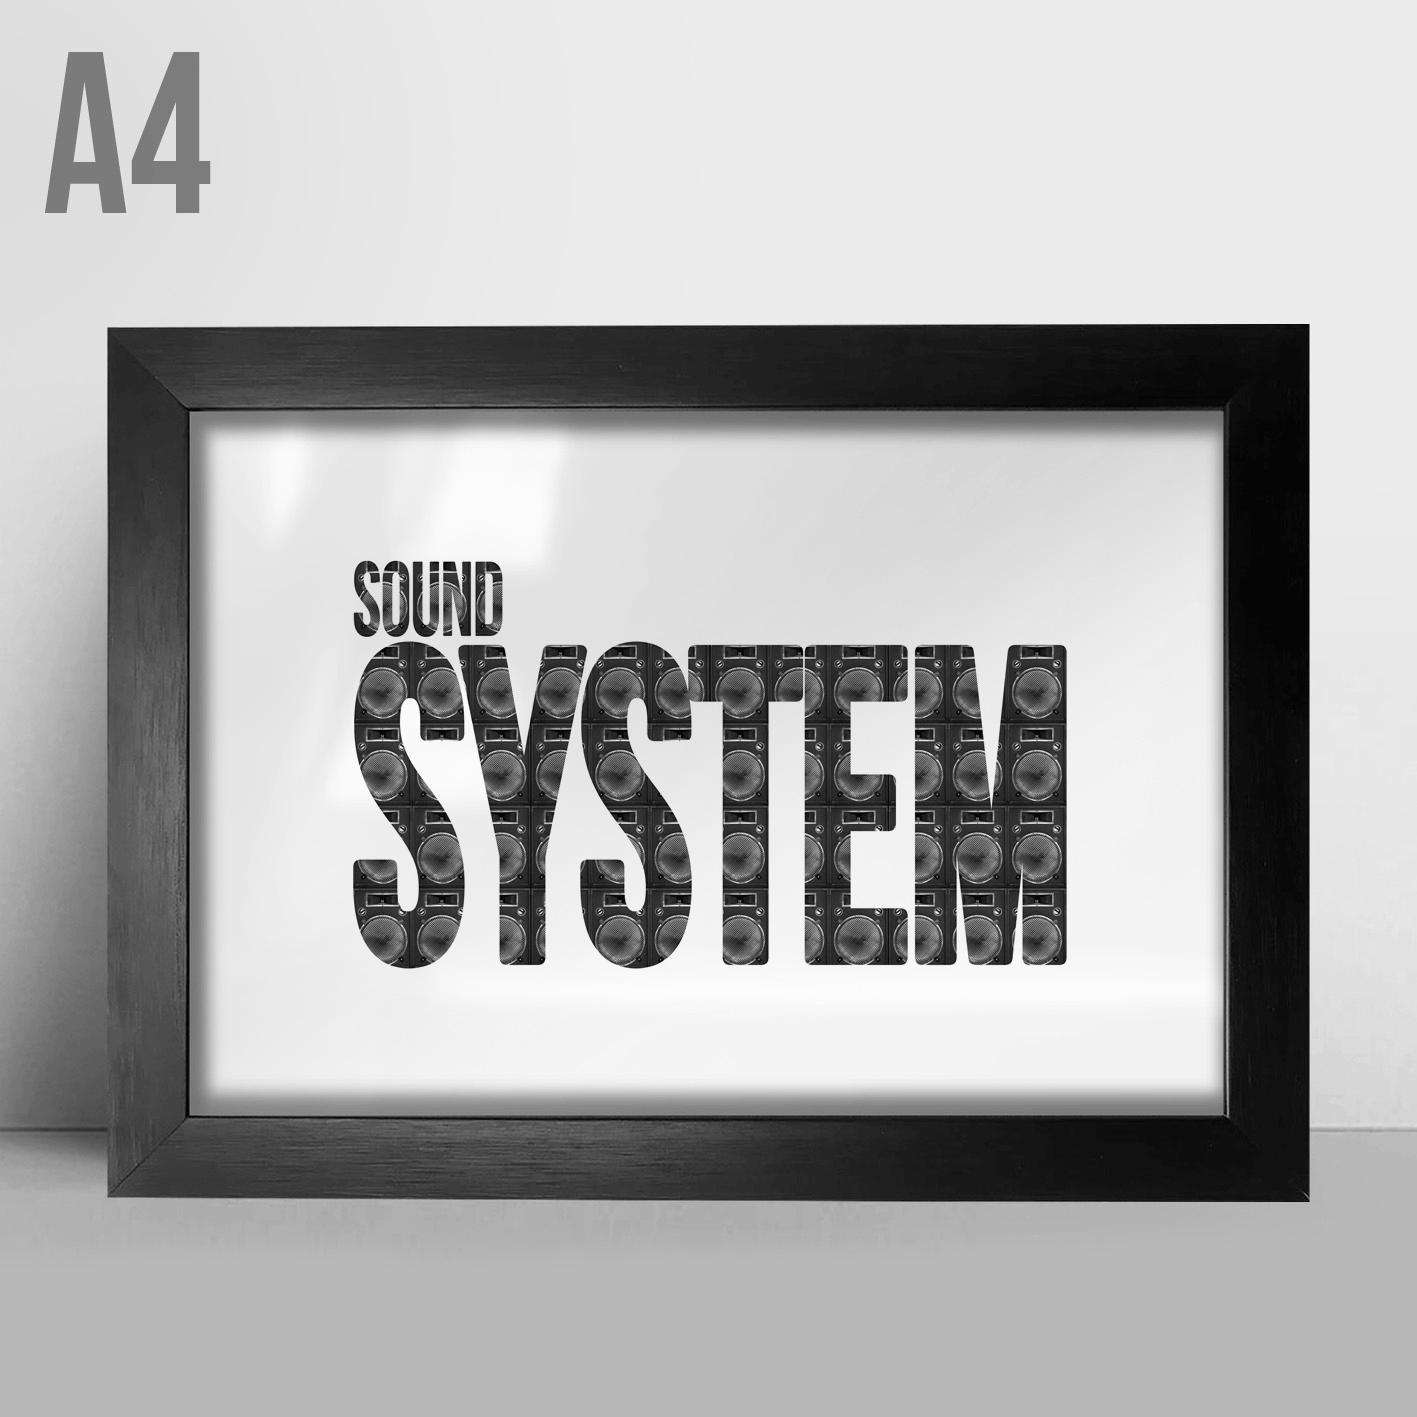 Quadro A4 - Sound System